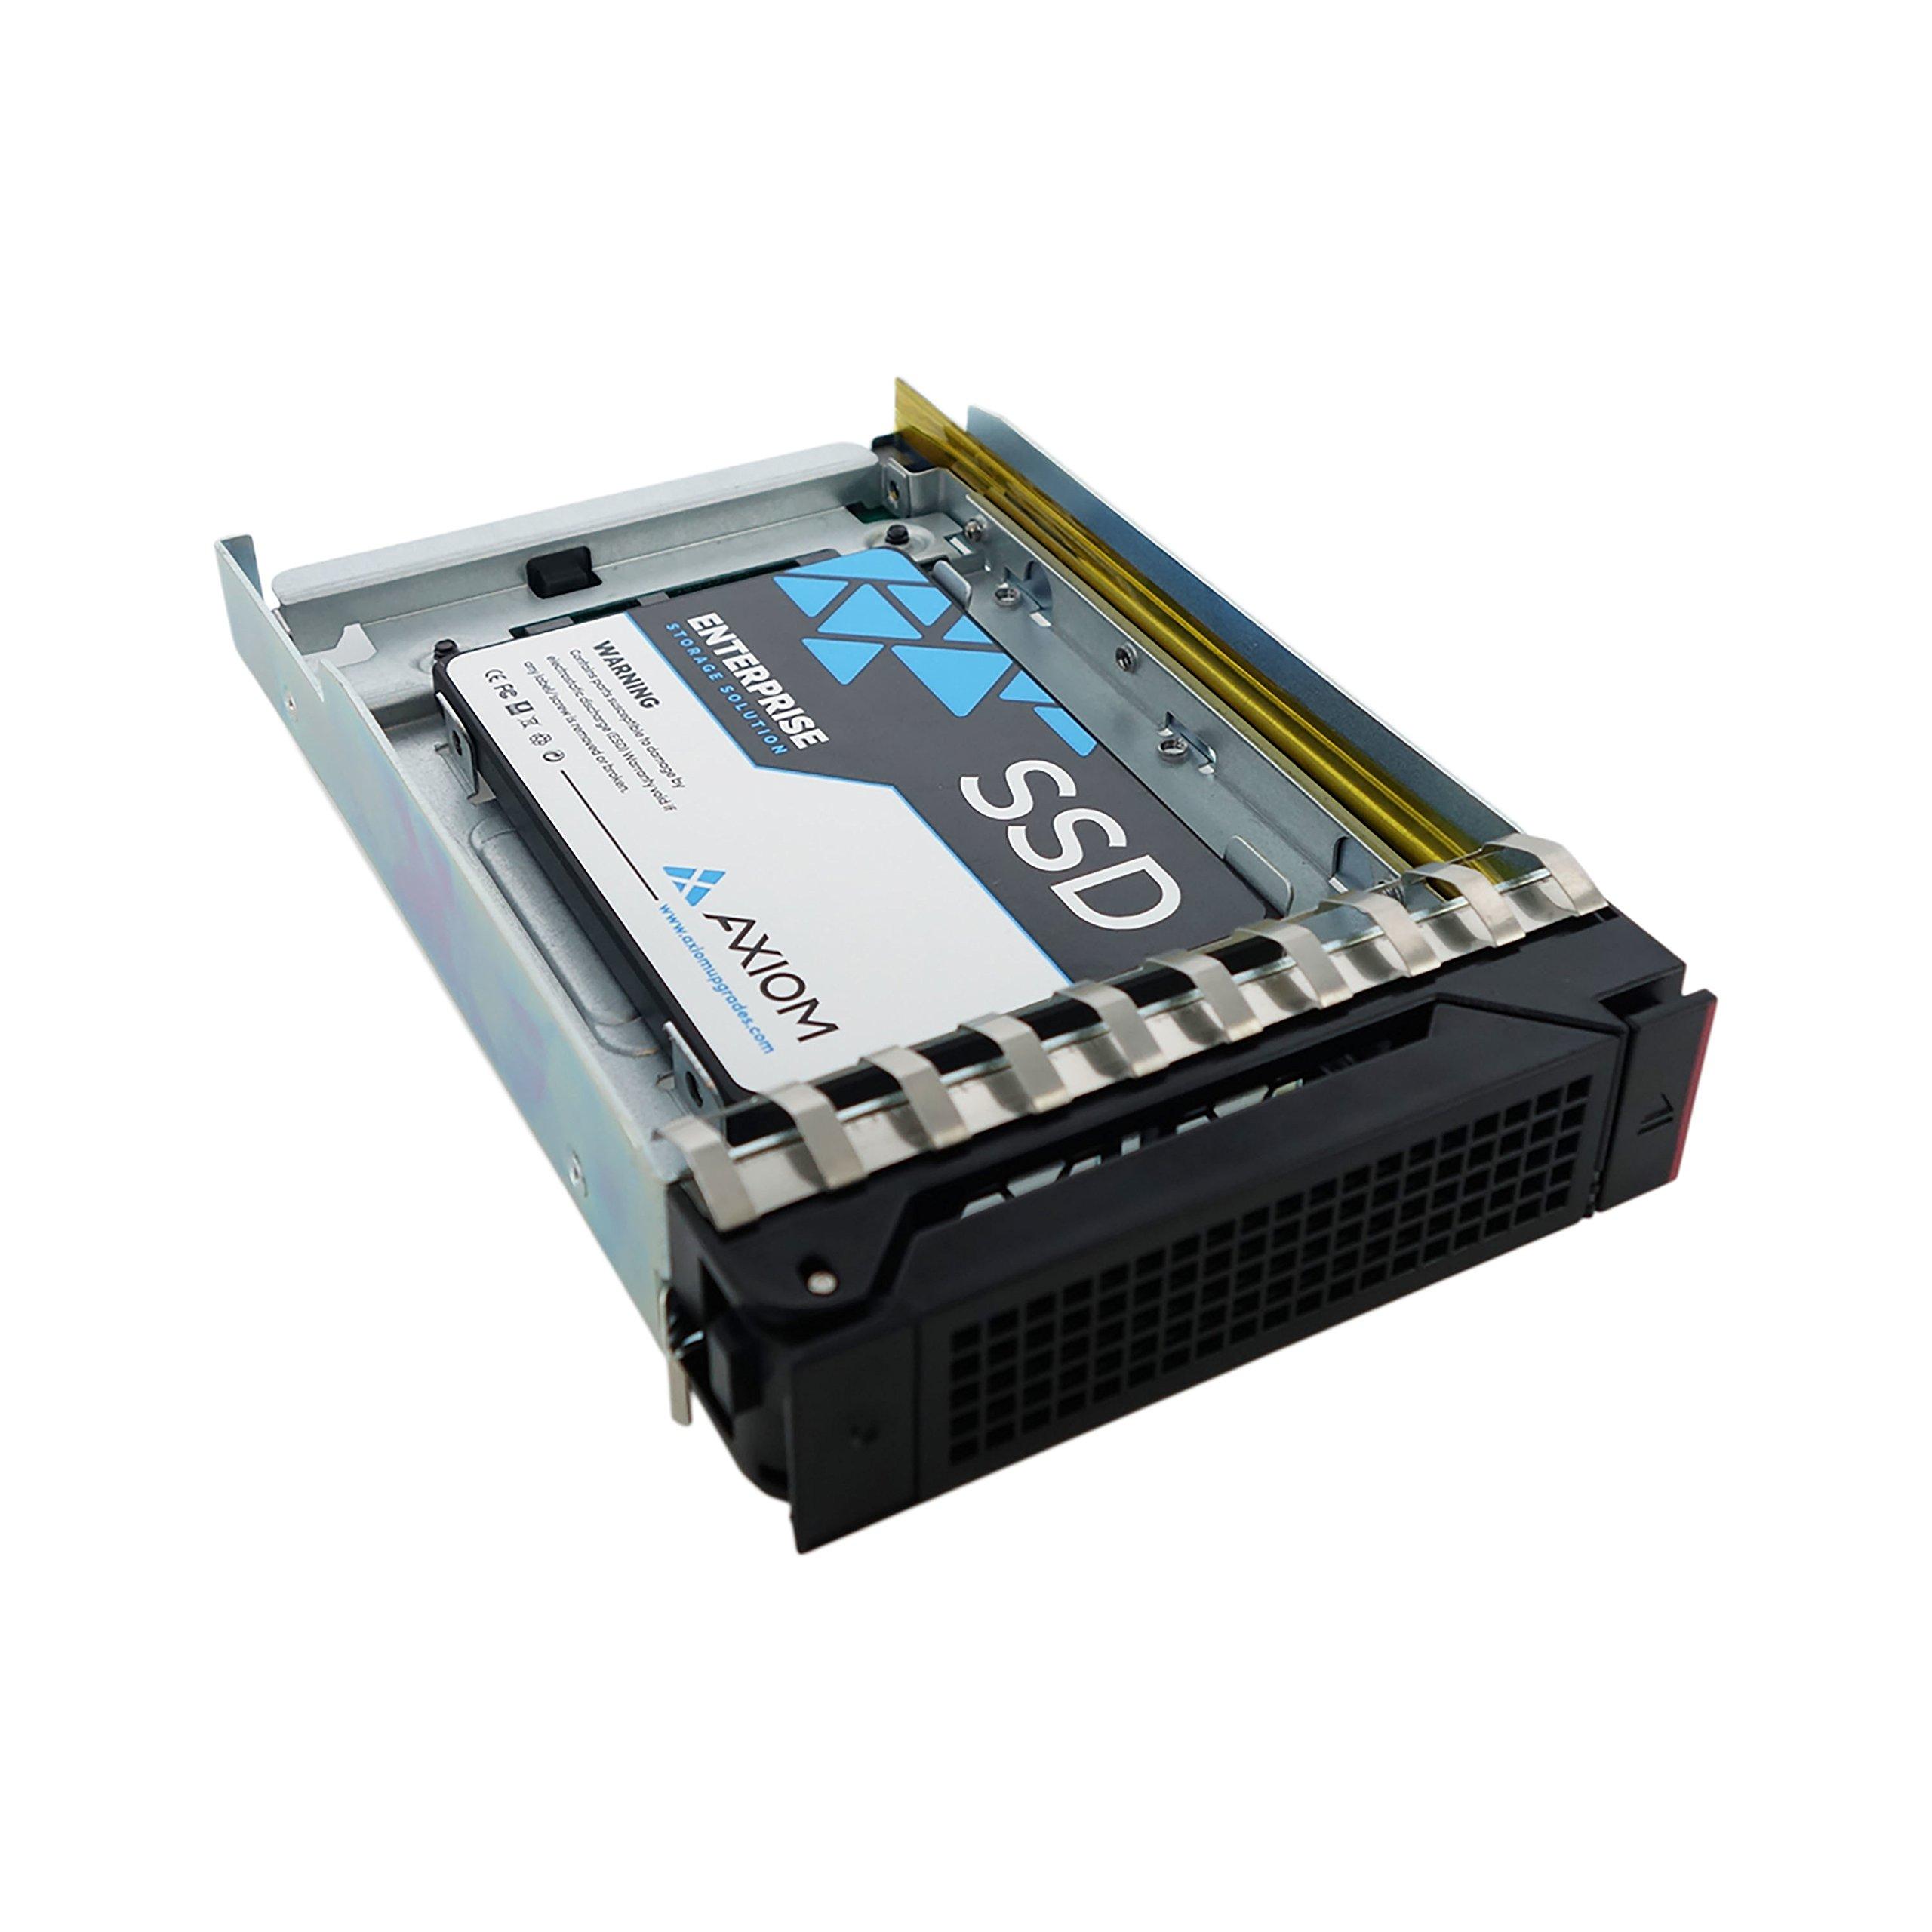 Axiom 1.2TB Enterprise EV100 3.5-inch Hot-Swap SATA SSD for Lenovo